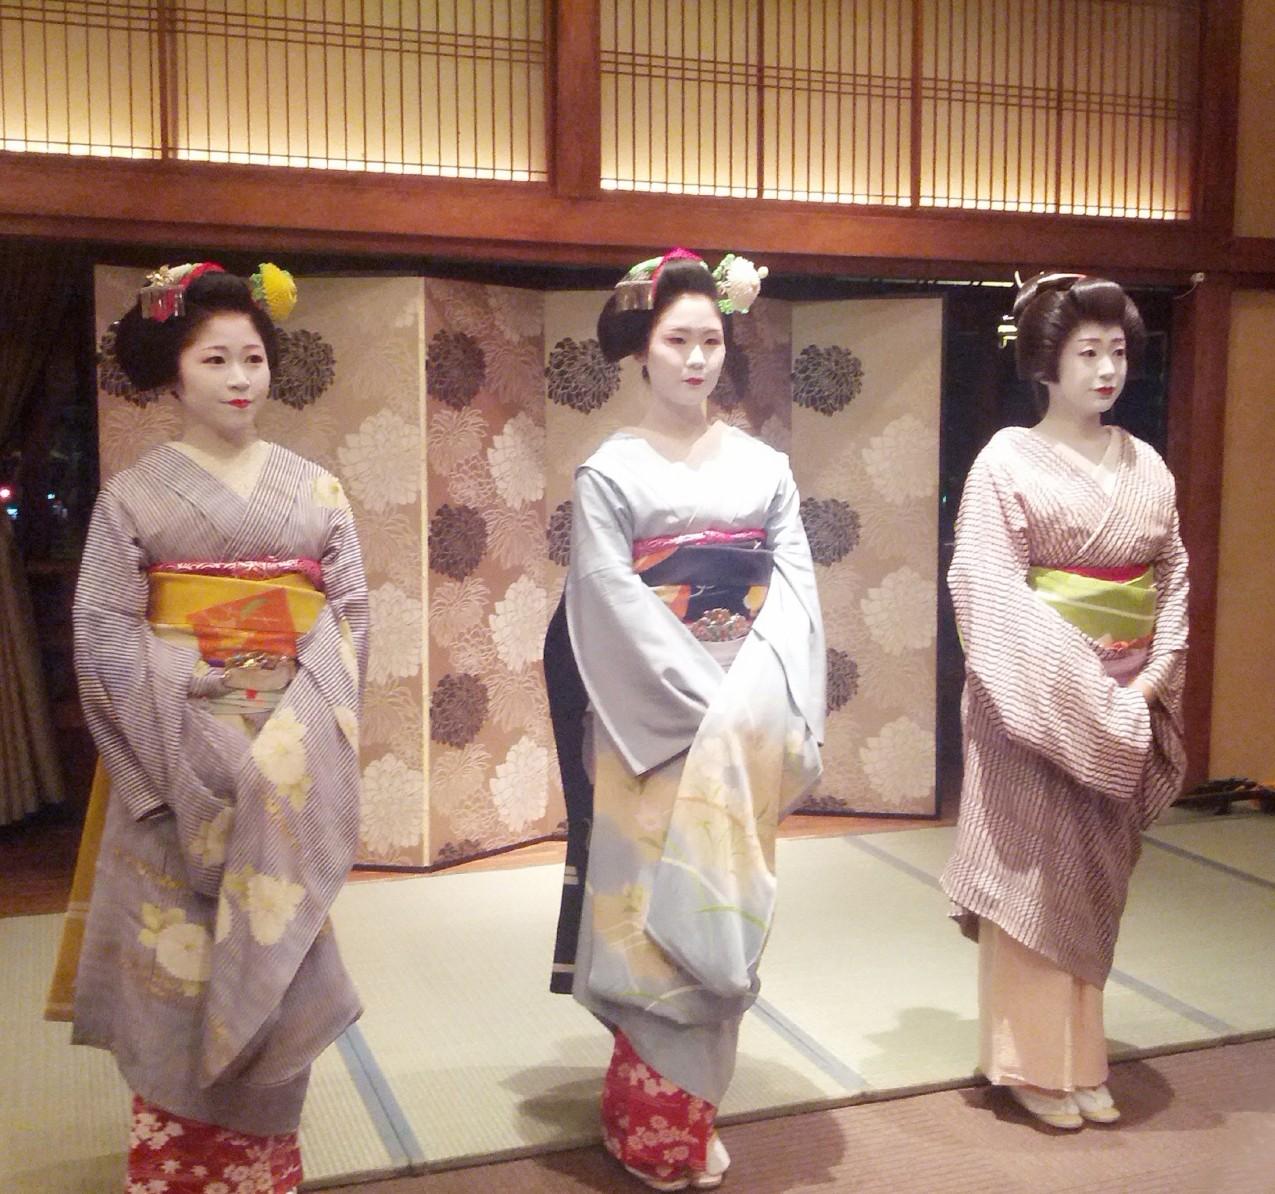 京都と言えば舞妓。伝統芸能の美をお愉しみください